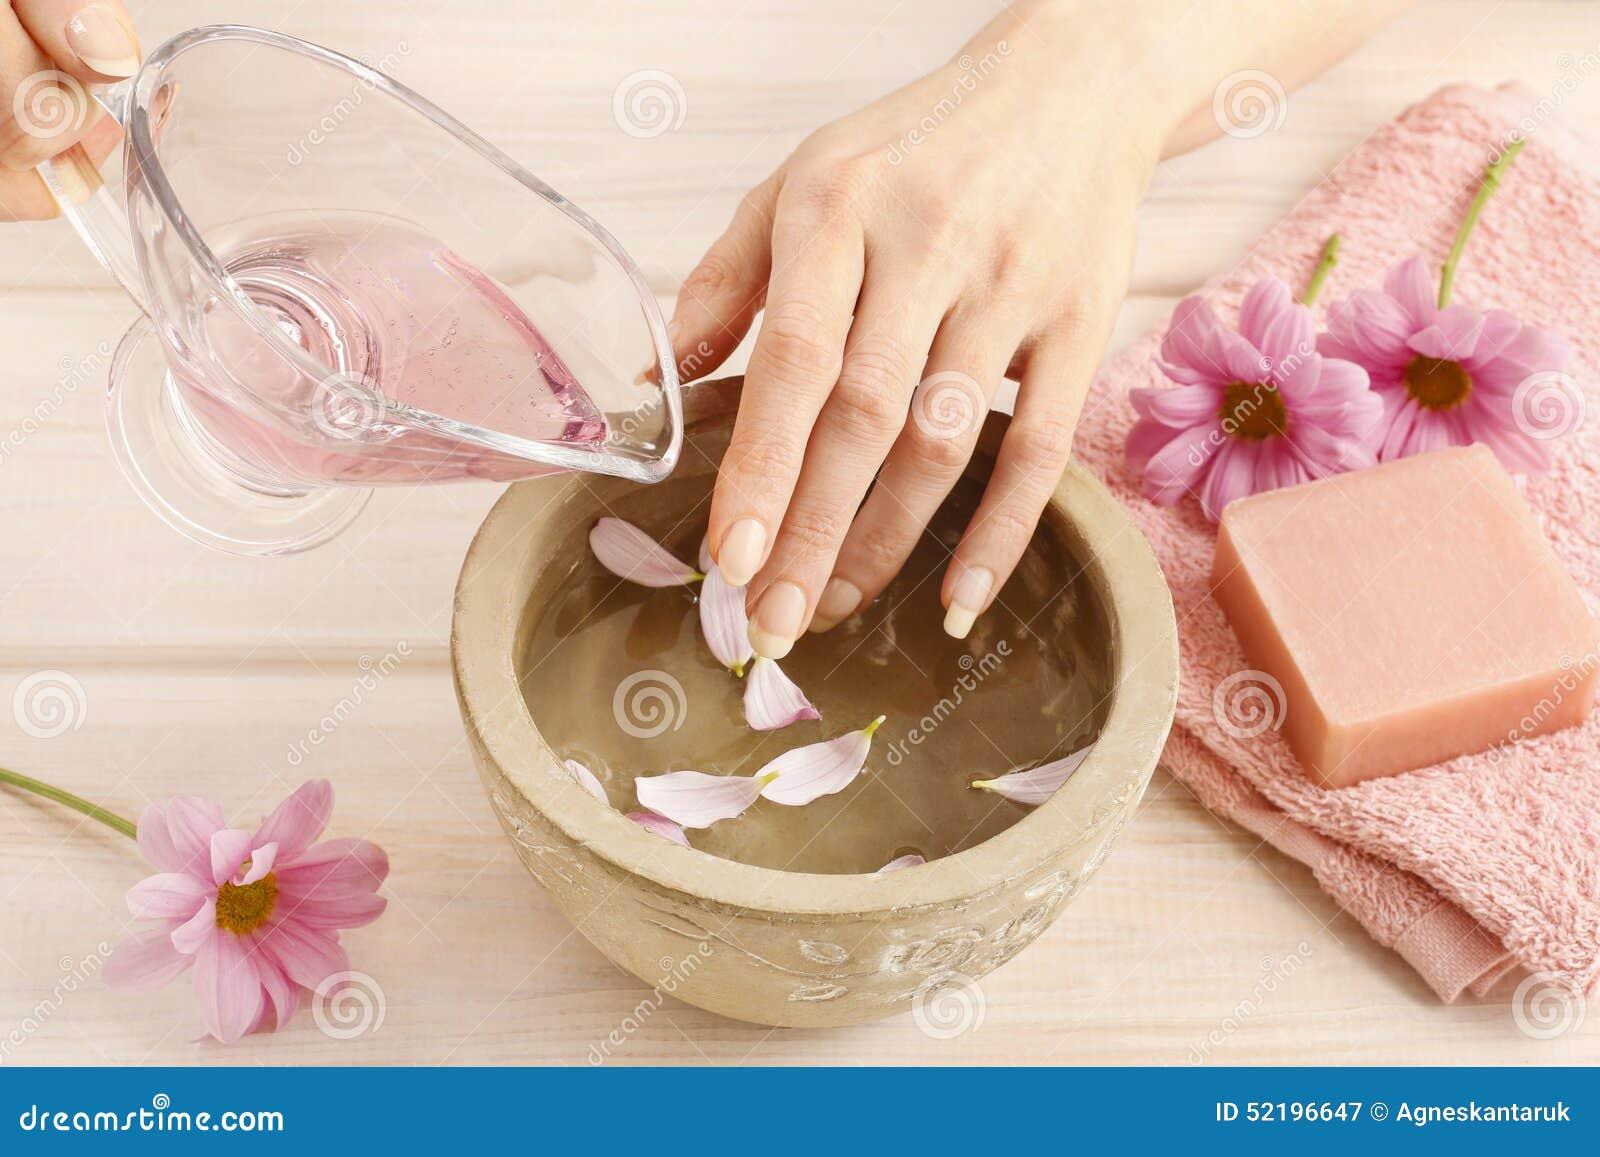 Cede a bacia cerâmica com água e óleos essenciais